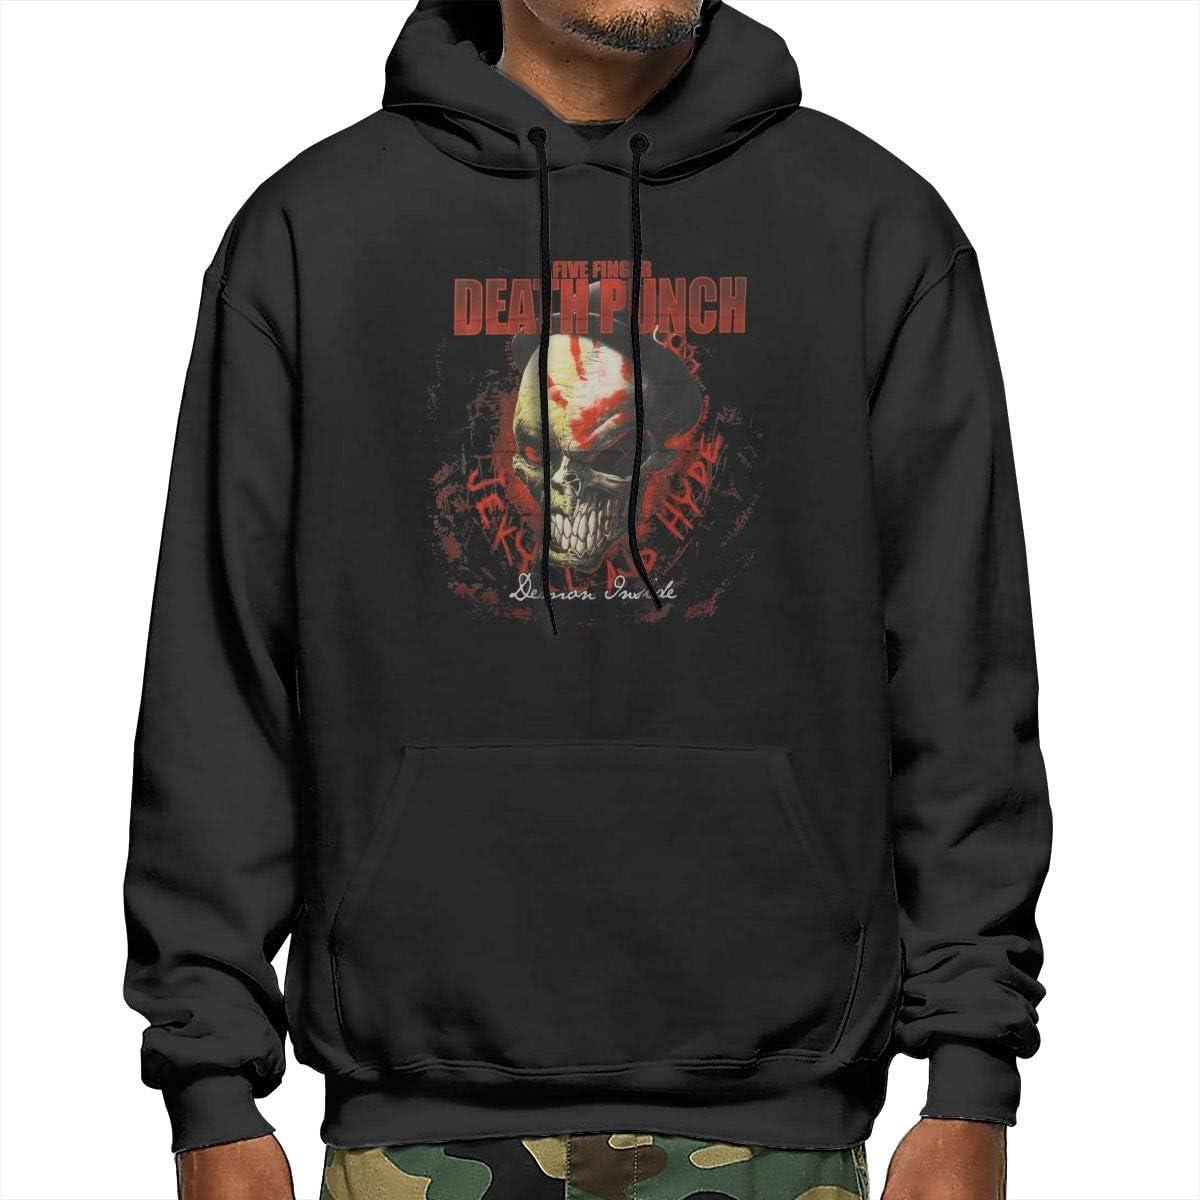 EVE JOHN Five Finger Death Punch Poster Flag Black Hoodie New Pocket for Mens Sweatshirt